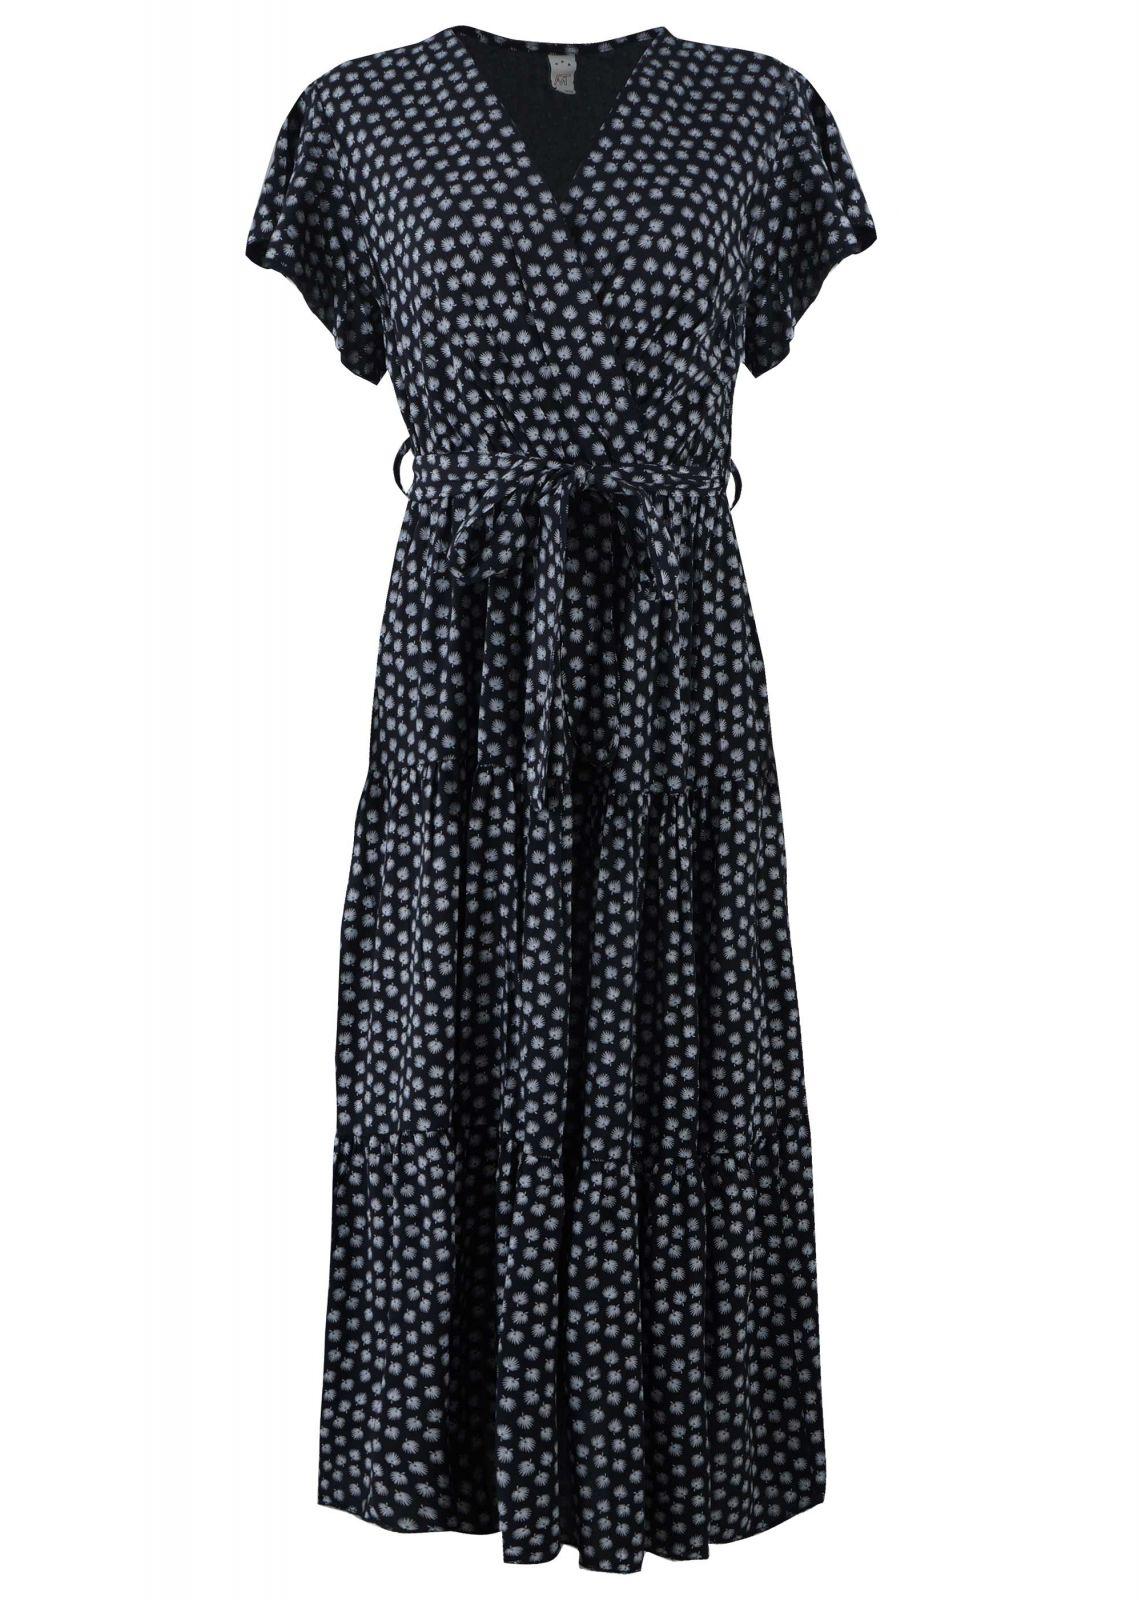 Γυναικείο φόρεμα κρουαζέ ζωνάκι all-print. ΜΑΥΡΟ